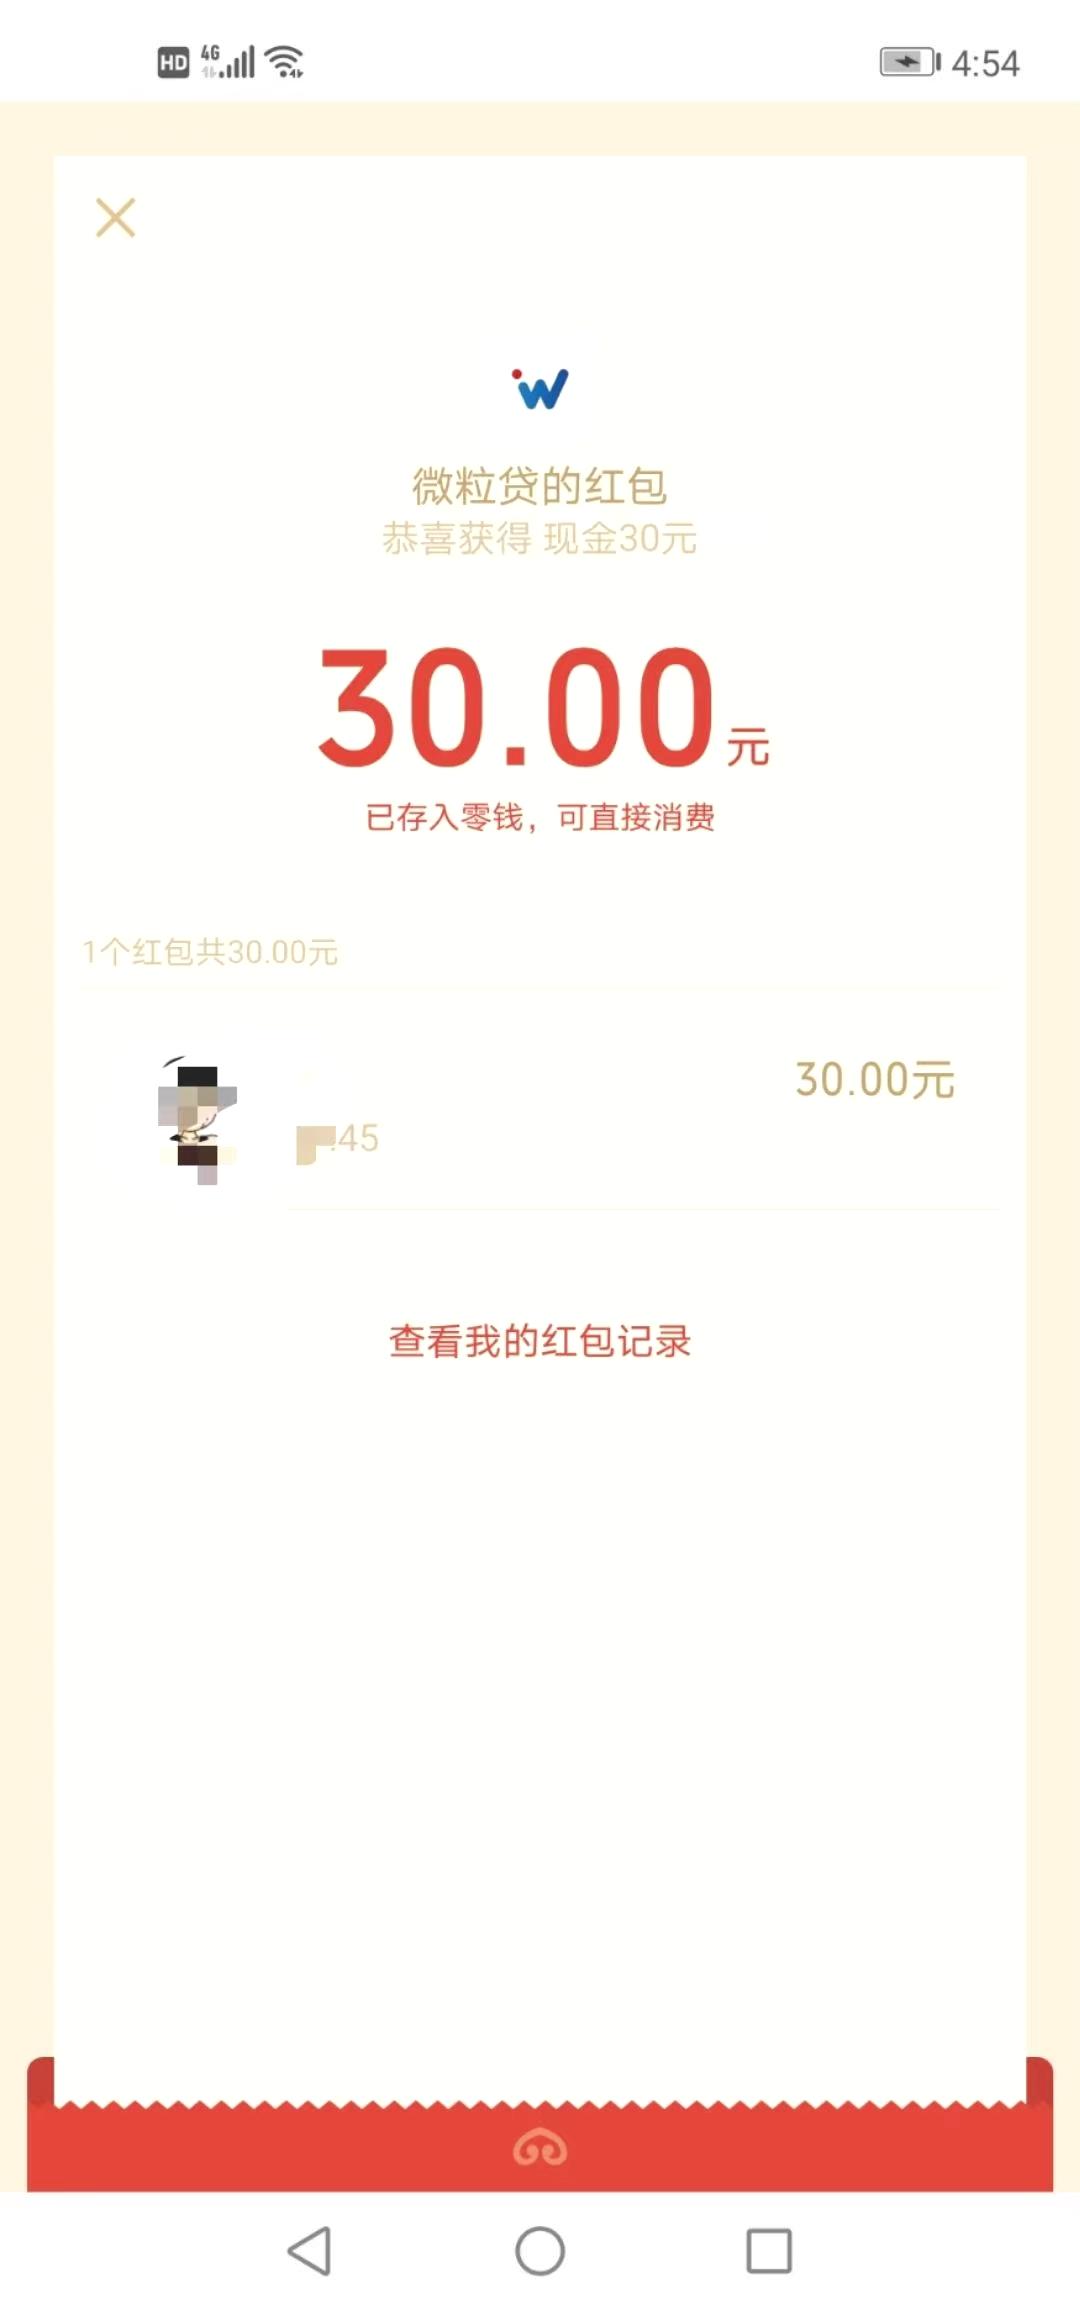 扫码有额度送20-30元微信红包秒到账!